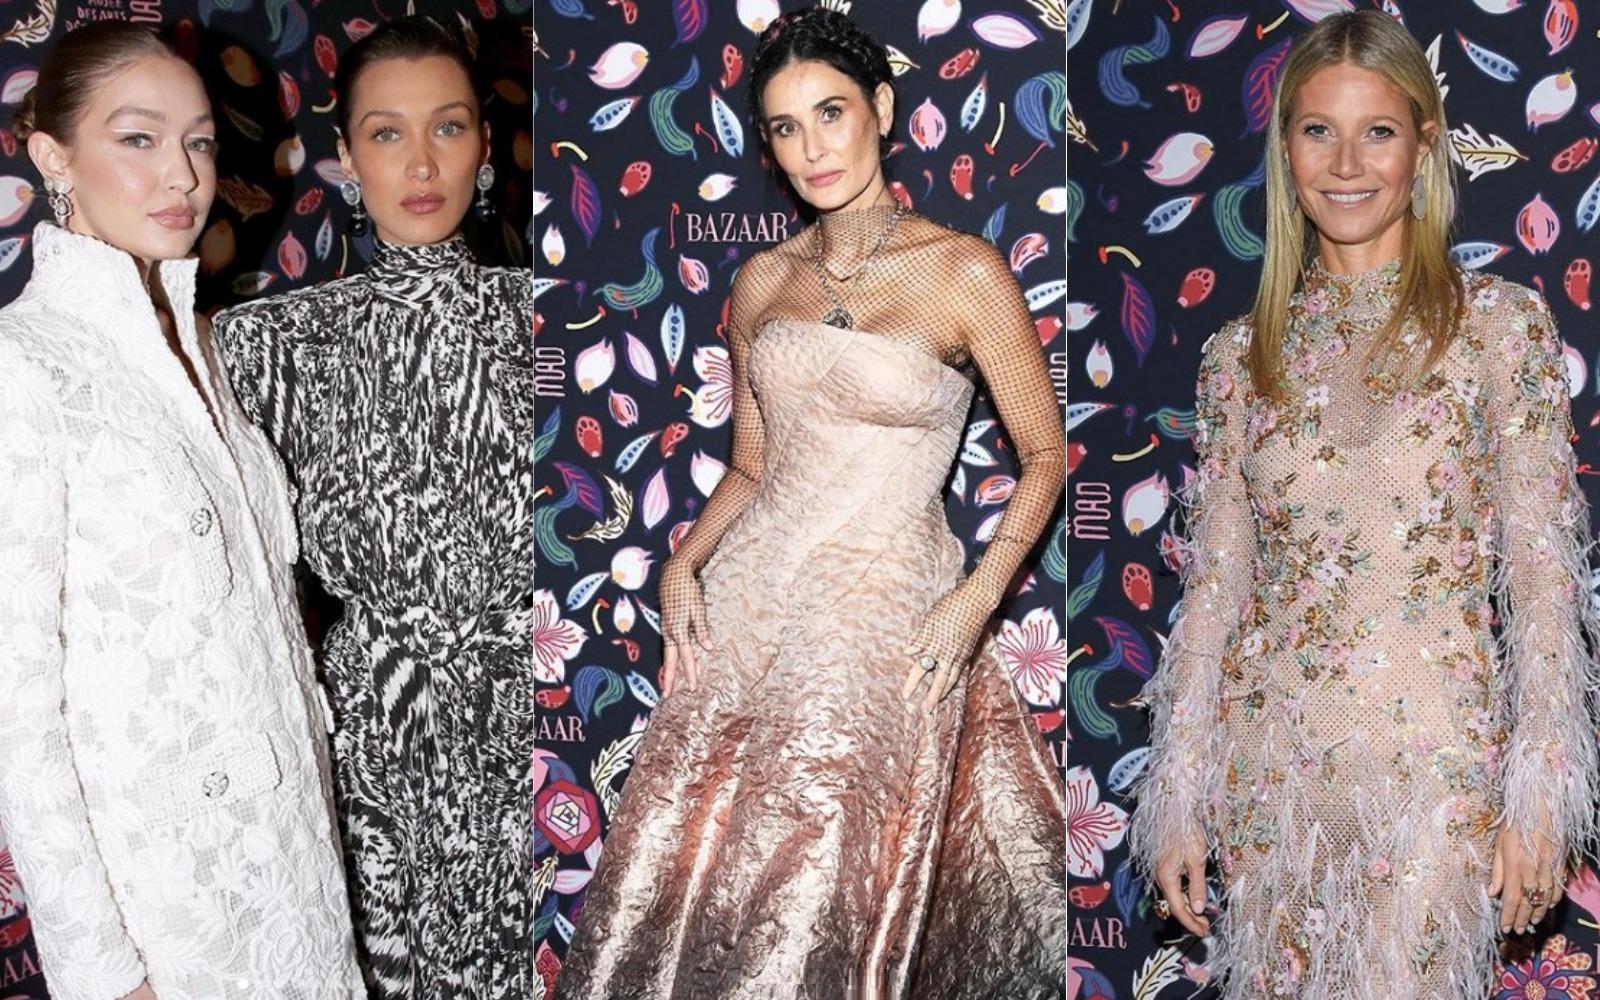 Vedetele și-au dat întâlnire la expoziția Harper's Bazaar din Paris! Ce ținute spectaculoase au purtat!